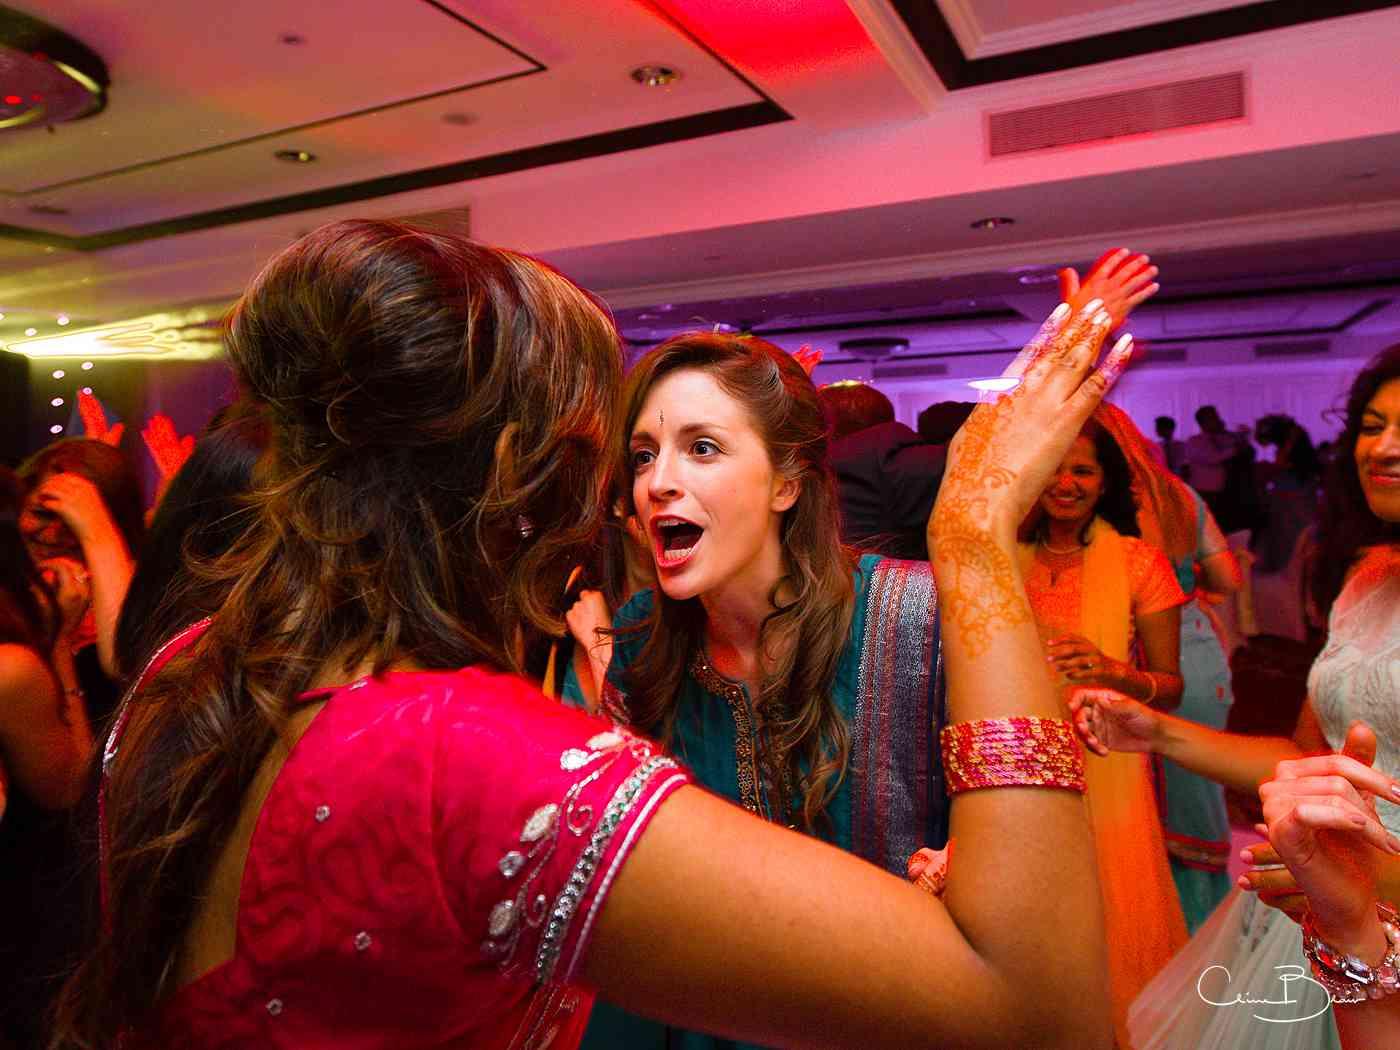 Woman dancing on the dance floor